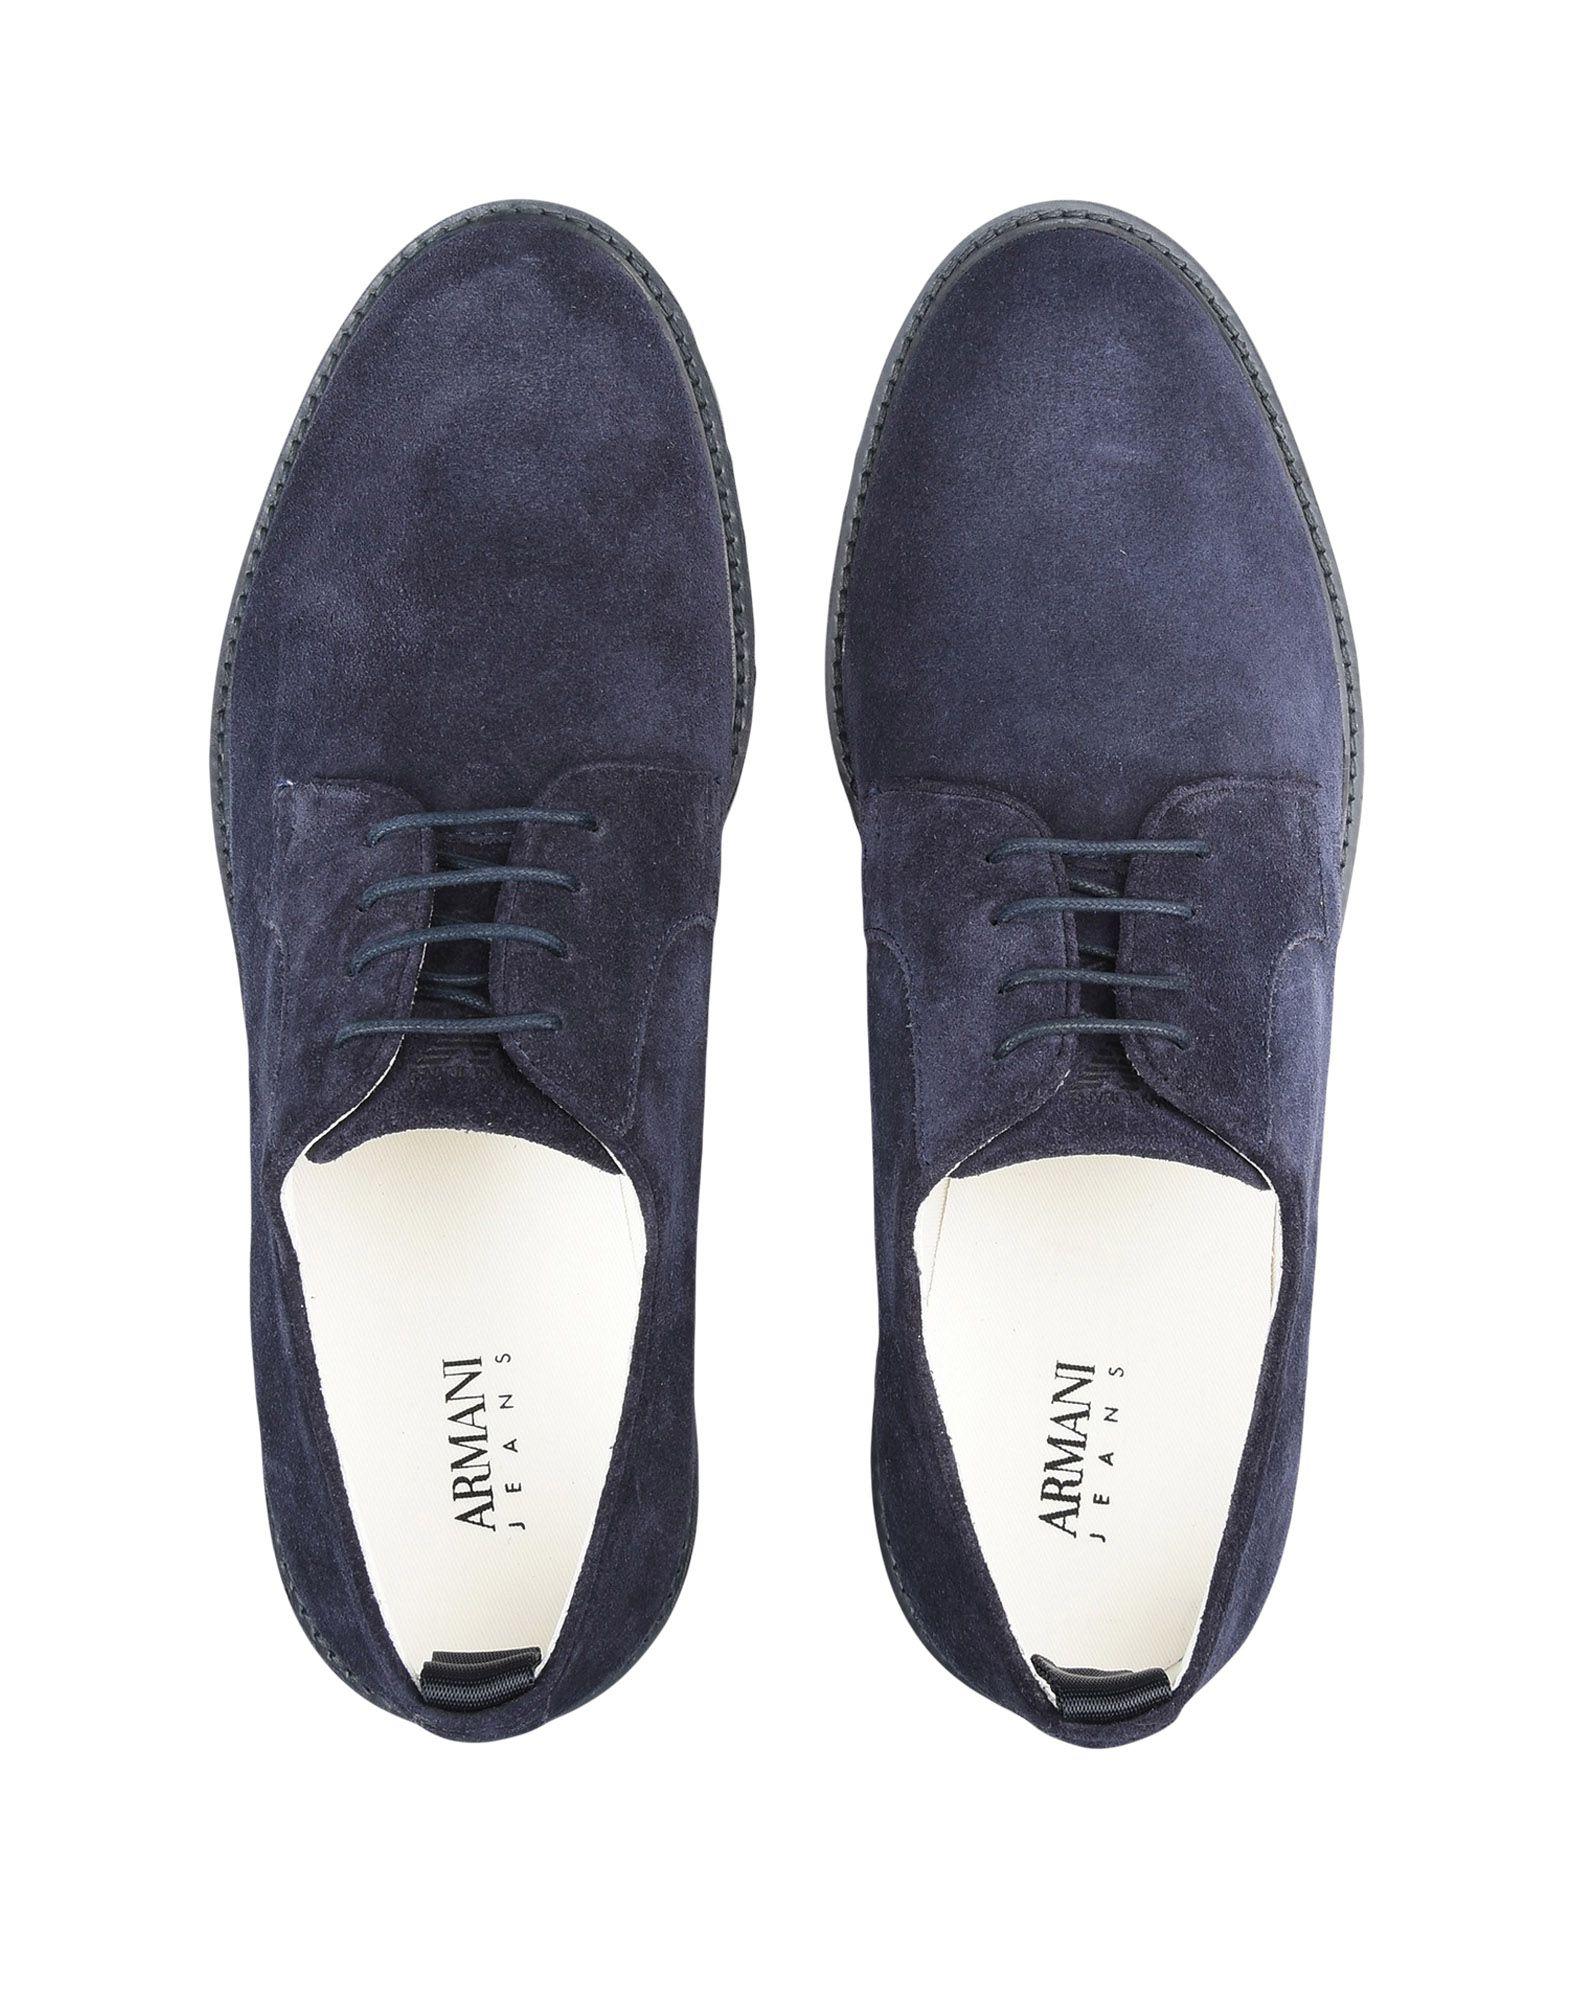 3e7584d7fc04 ... Chaussures À Lacets Armani Jeans Femme - Chaussures À Lacets Armani  Jeans sur